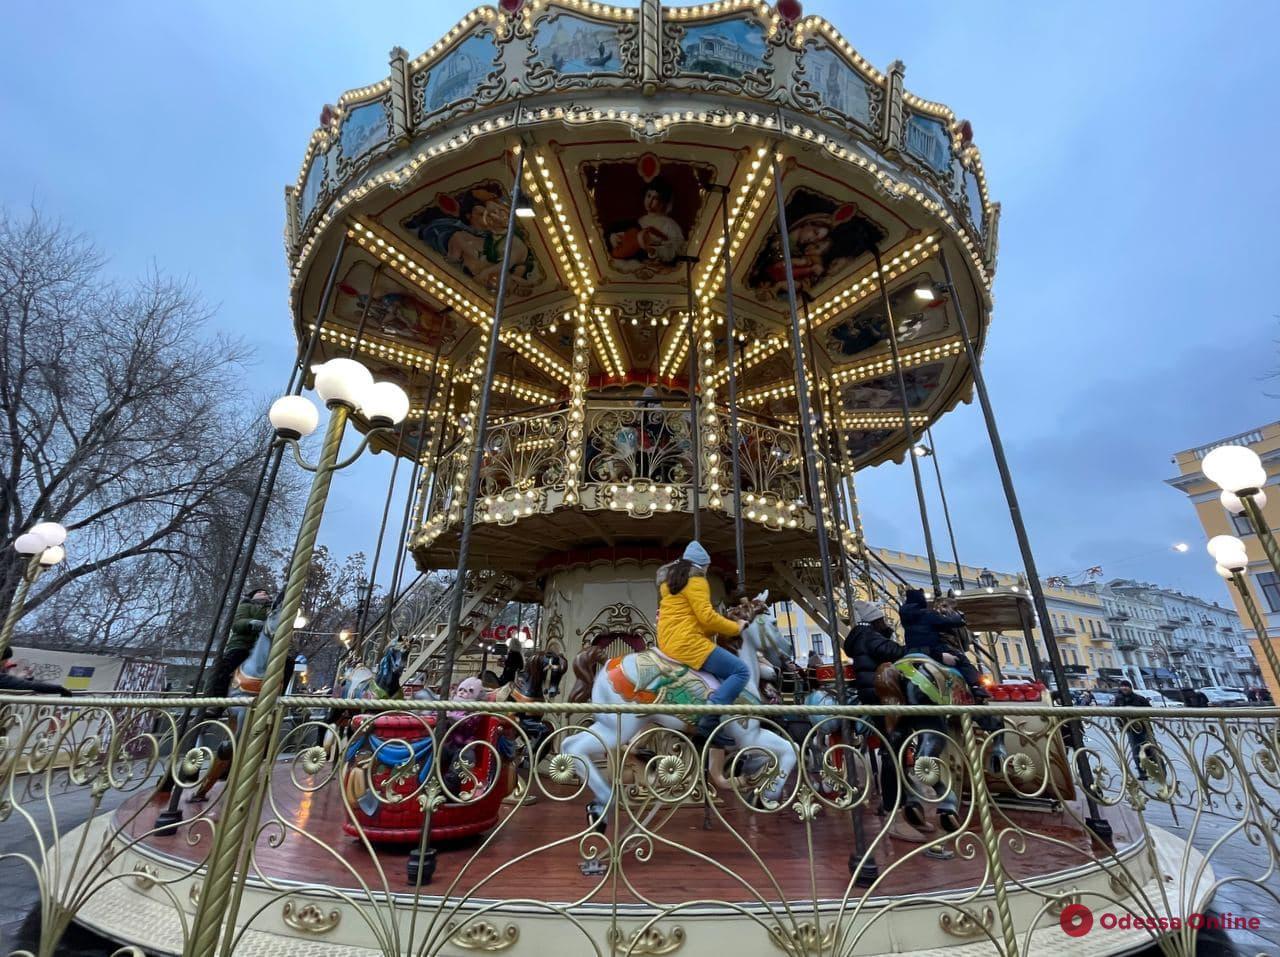 На Приморском бульваре малышей катает новогодний паровозик (фото)